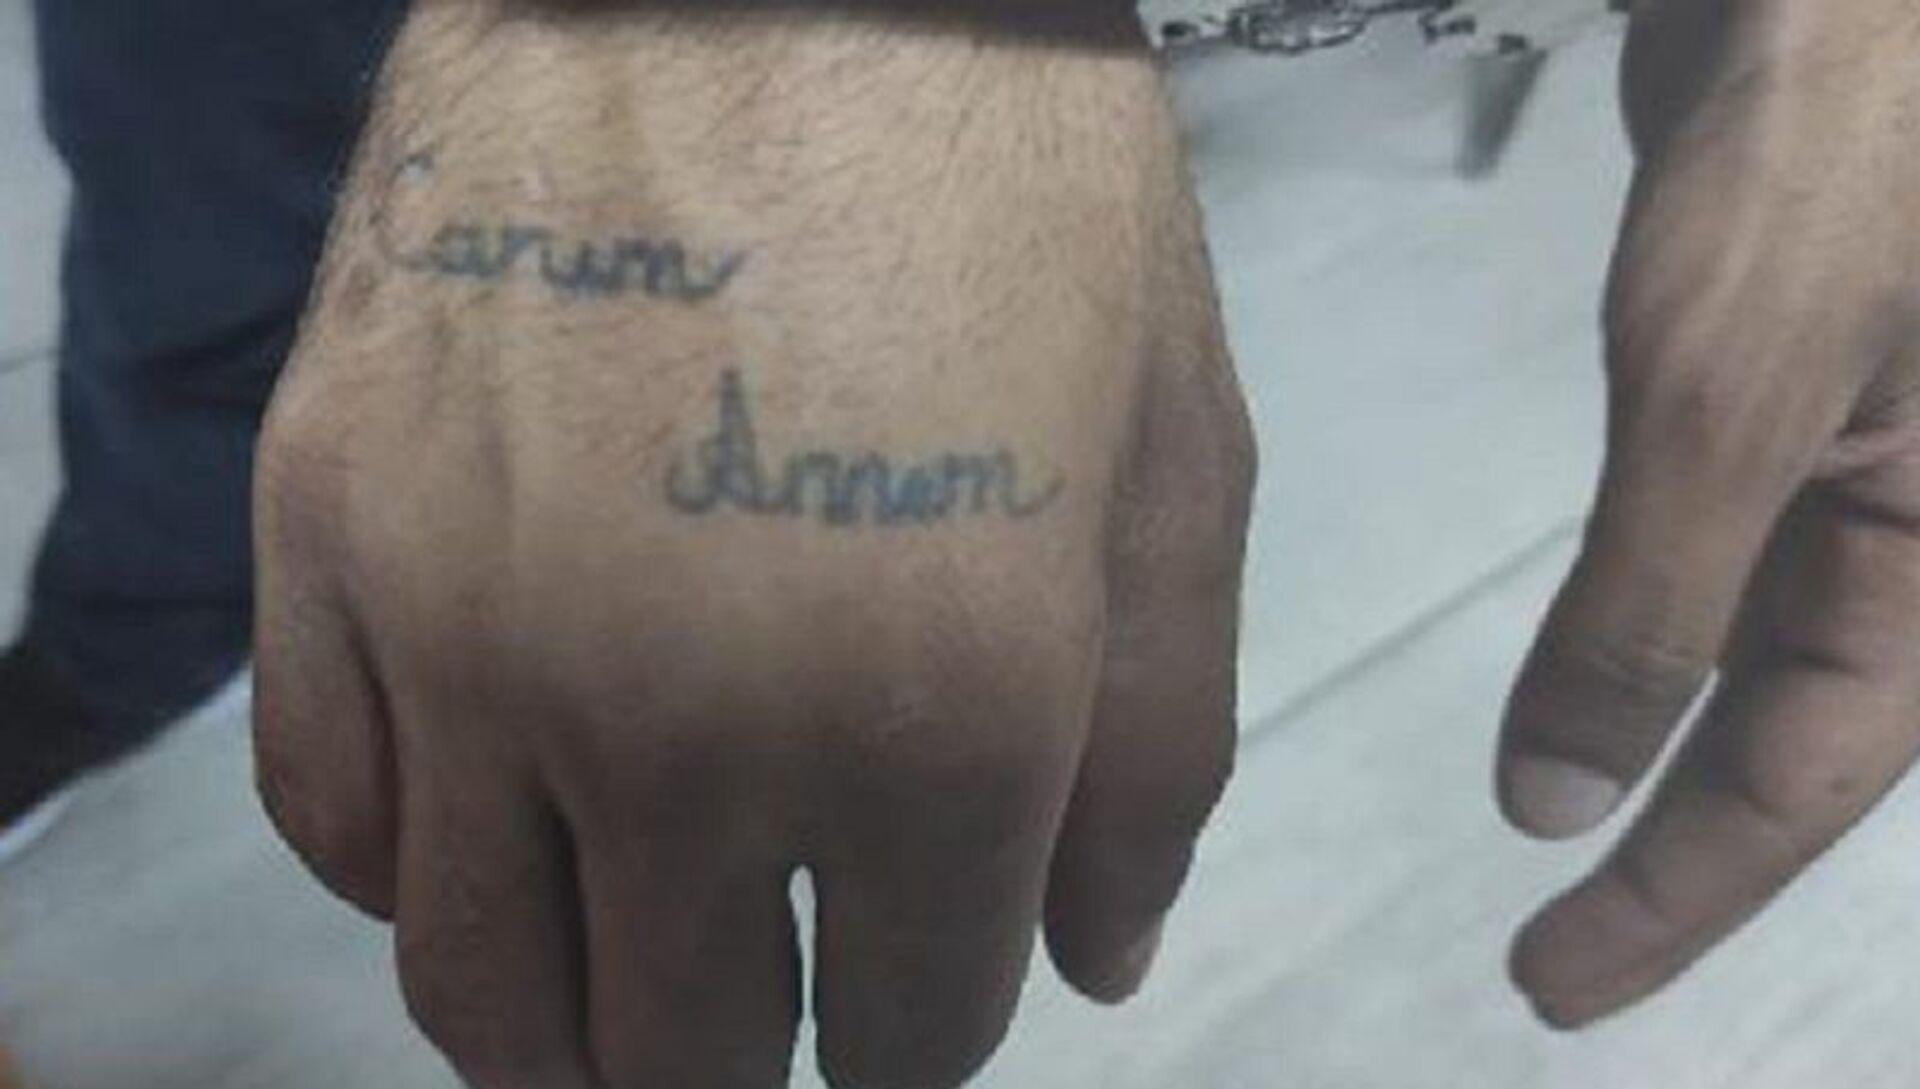 Canım Annem dövmeli hırsız, Şişli - Sputnik Türkiye, 1920, 03.08.2021